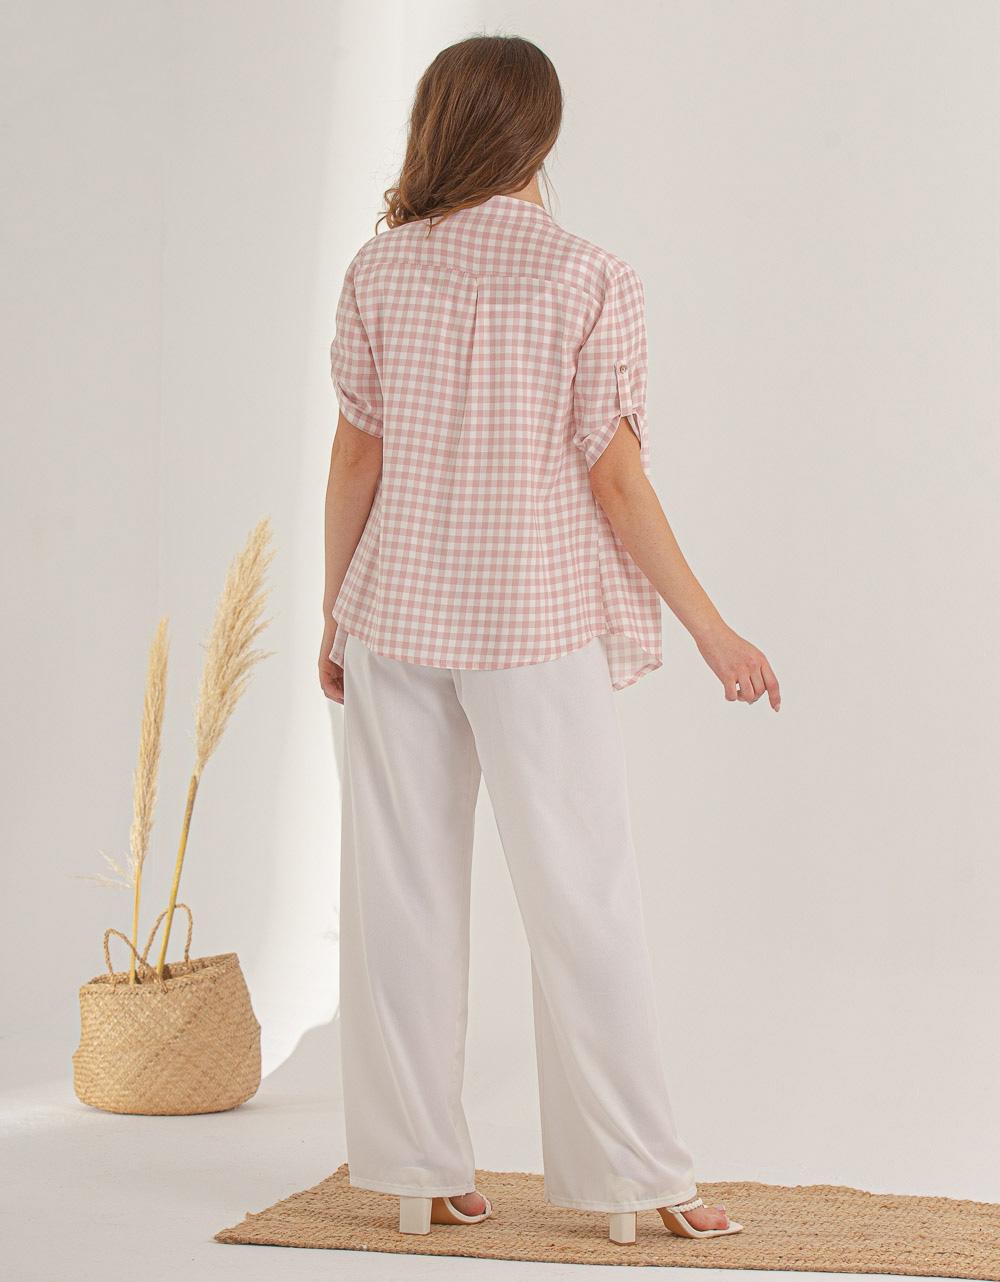 Εικόνα από Γυναικείο πουκάμισο με καρό σχέδιο Ροζ